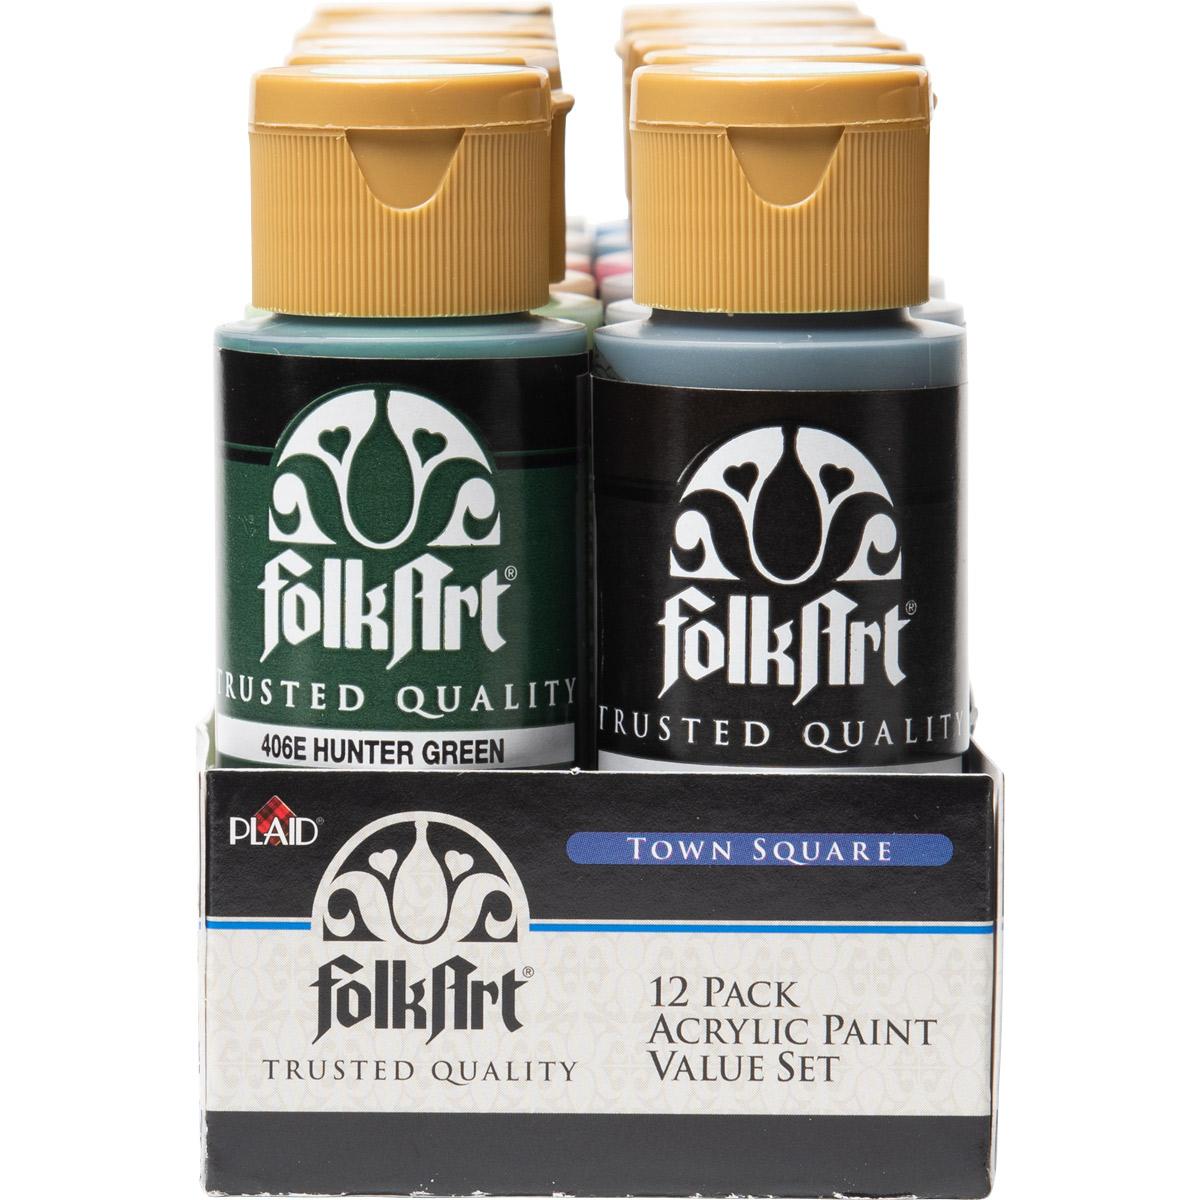 FolkArt ® Acrylic Colors Value Paint Set - Town Square, 12 Colors